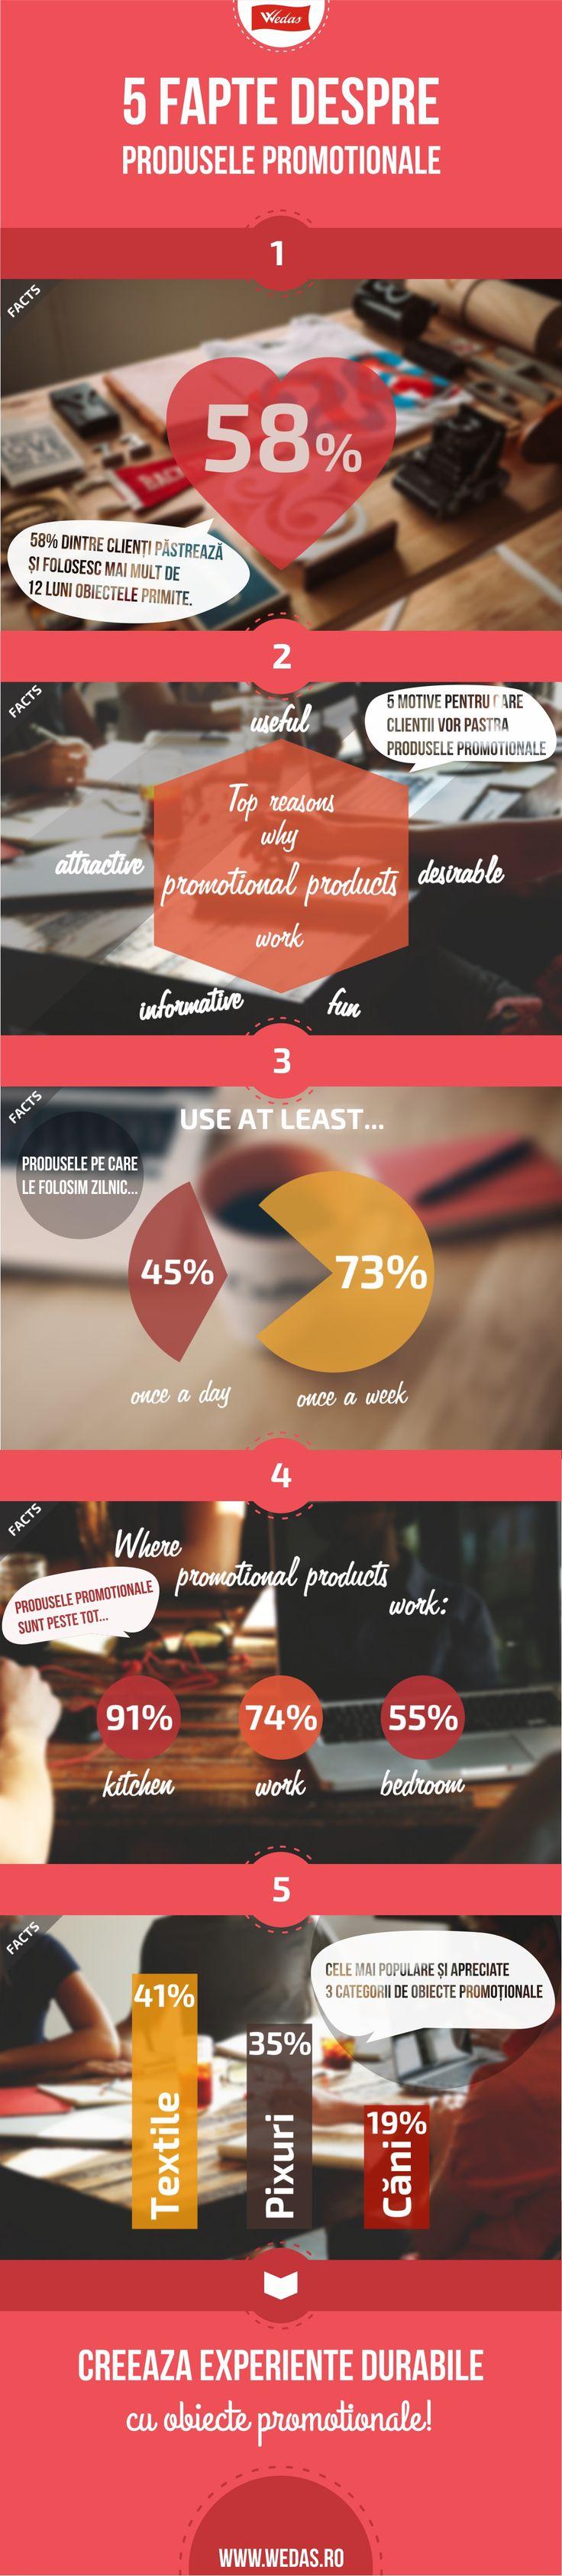 5 fapte despre obiectele promotionale